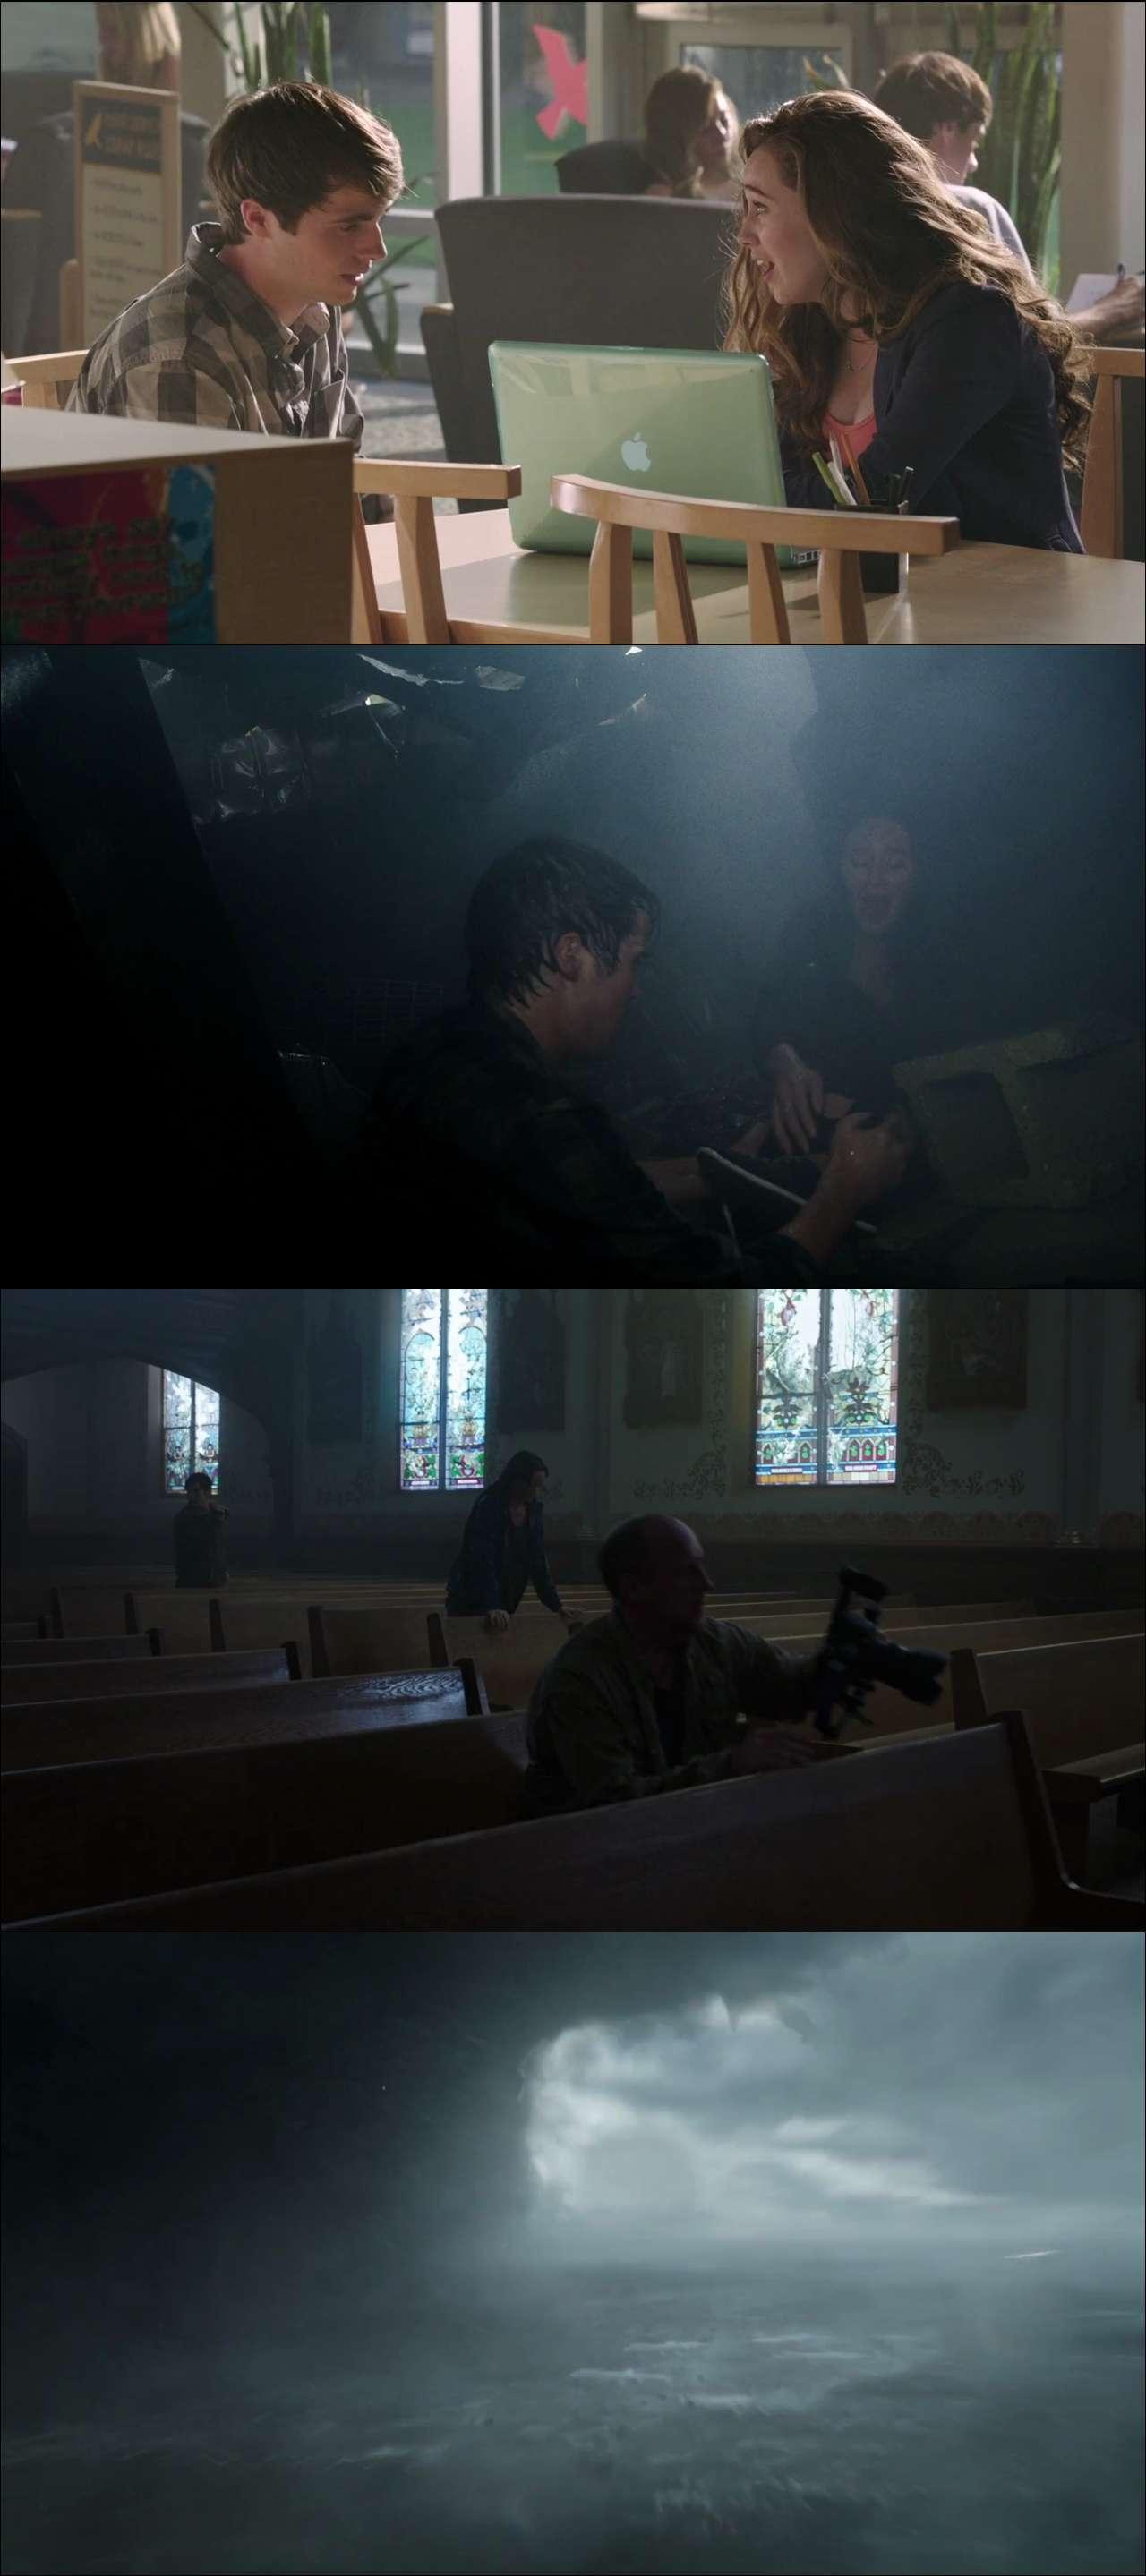 Fırtınanın İçinde - Into the Storm (2014) full türkçe dublaj film indir